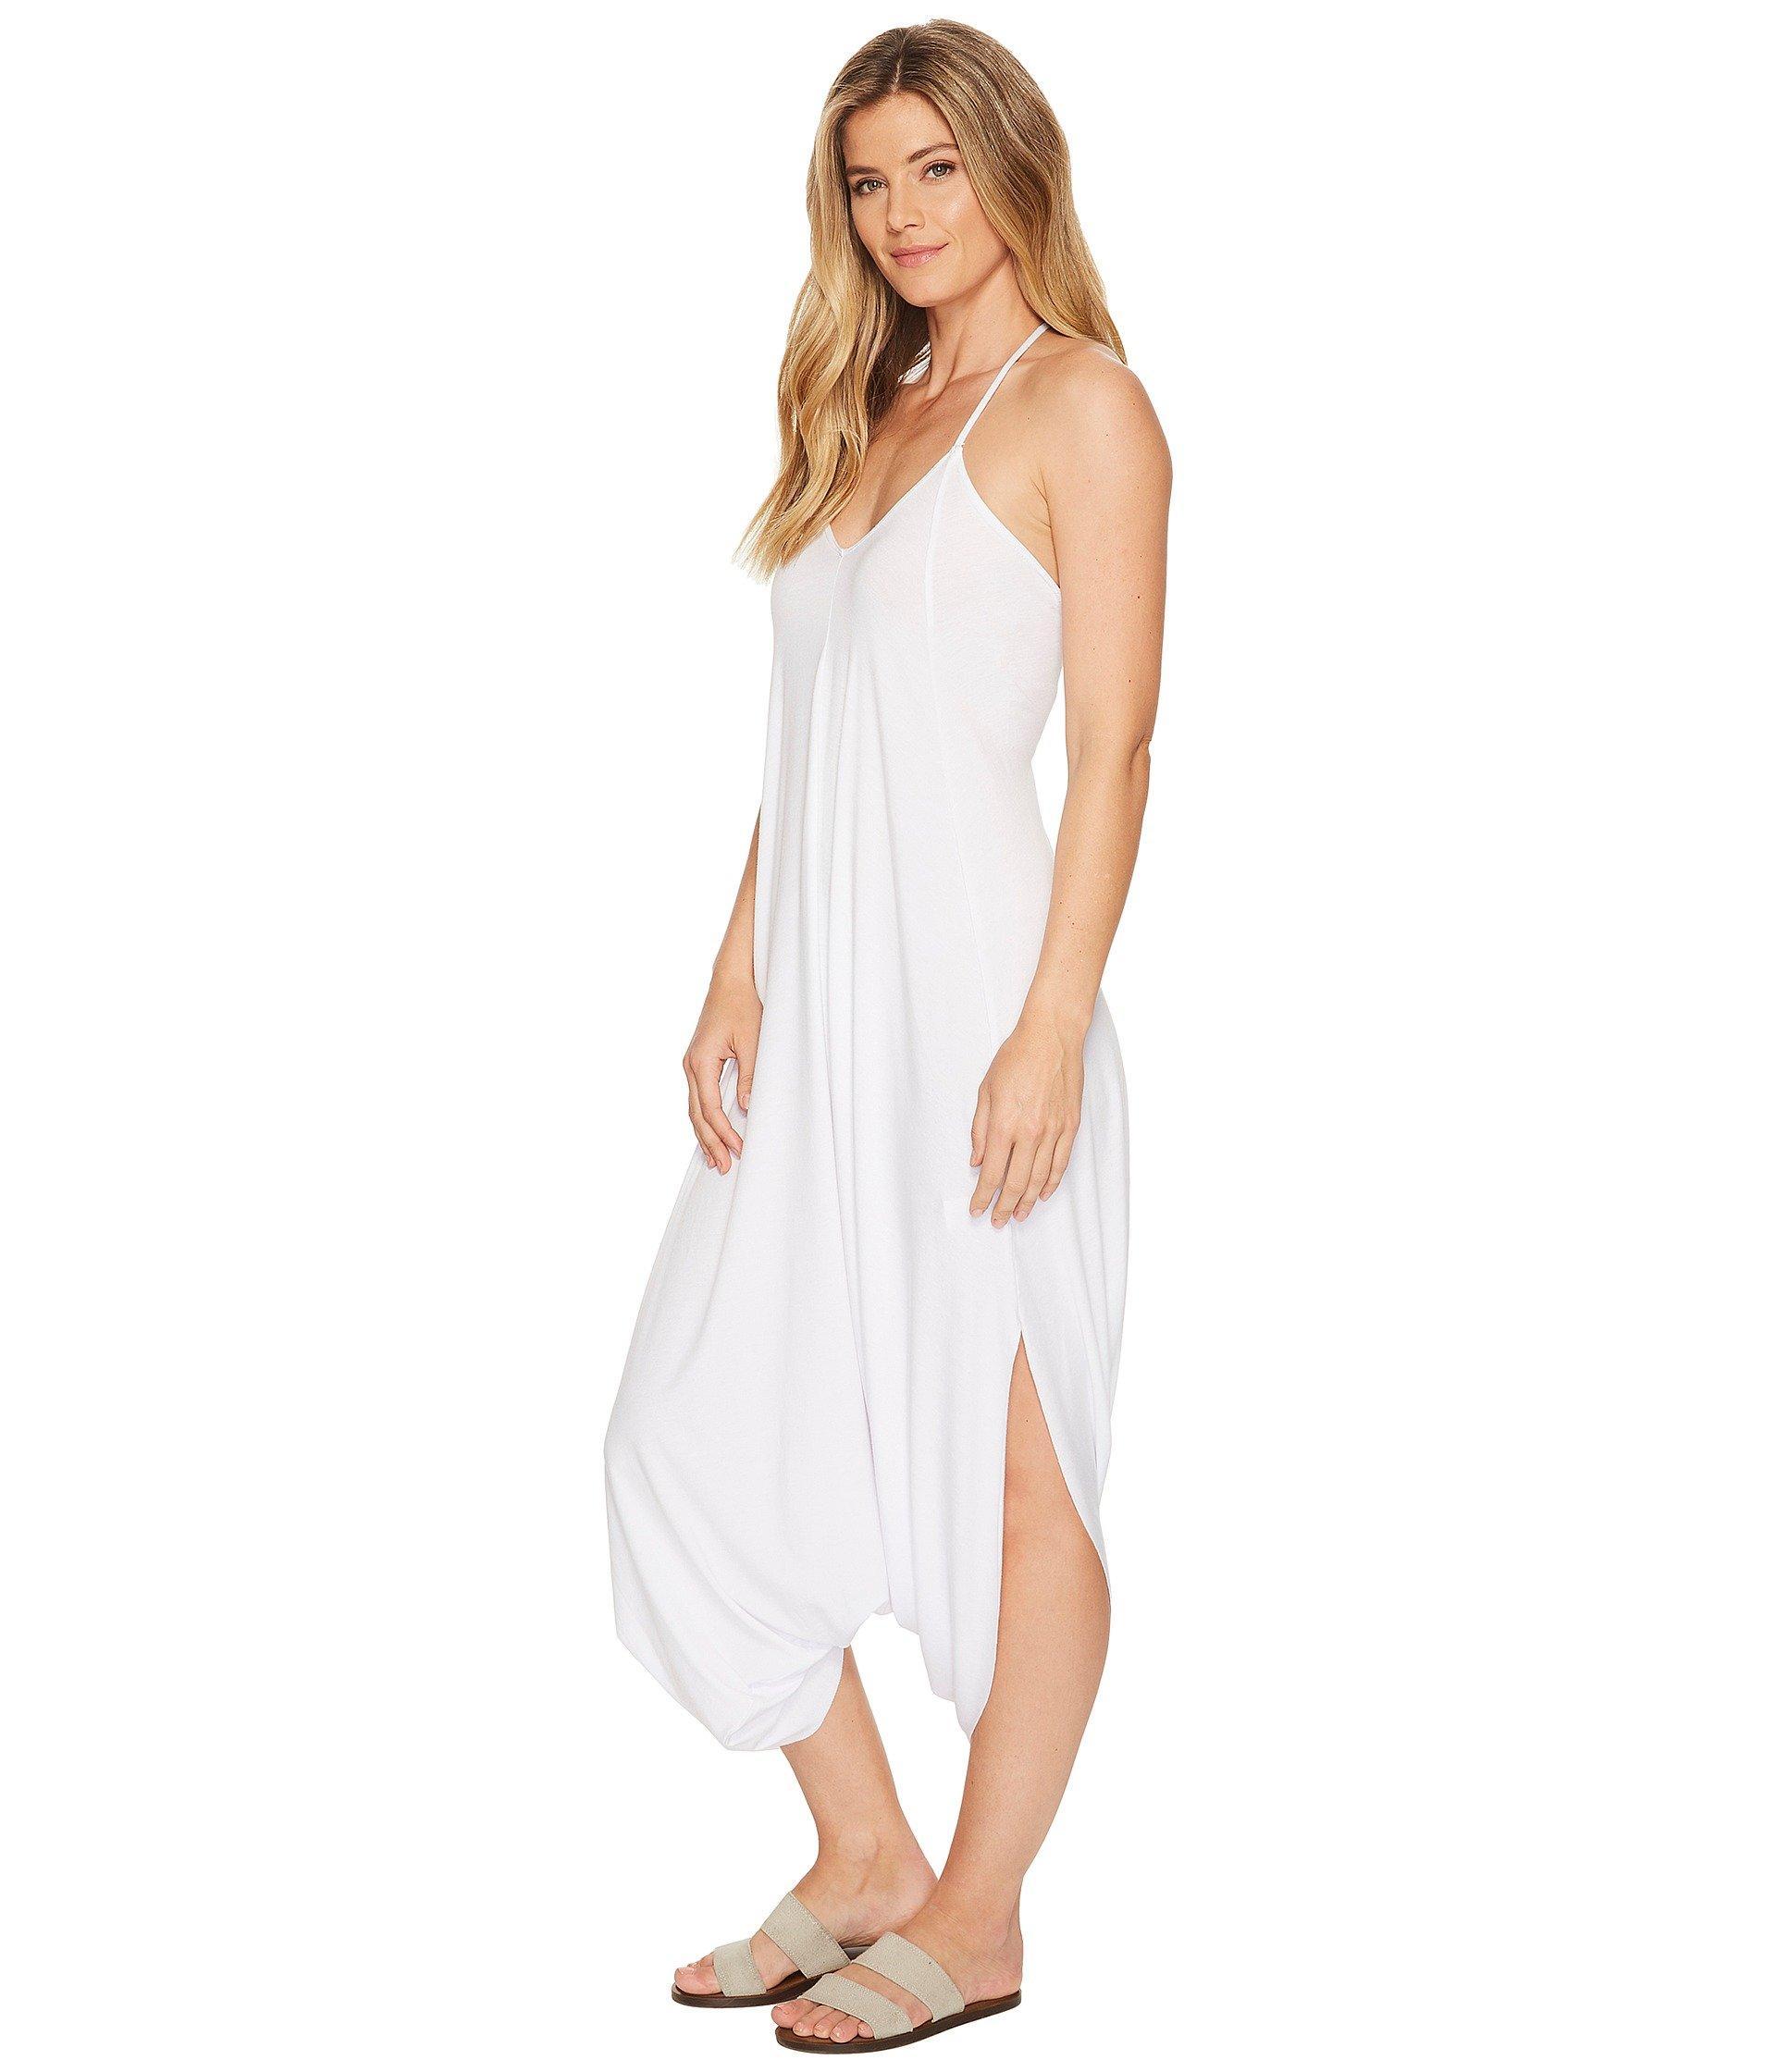 aece6c61adae Lyst - Onzie Bridal Tica Romper in White - Save 45%